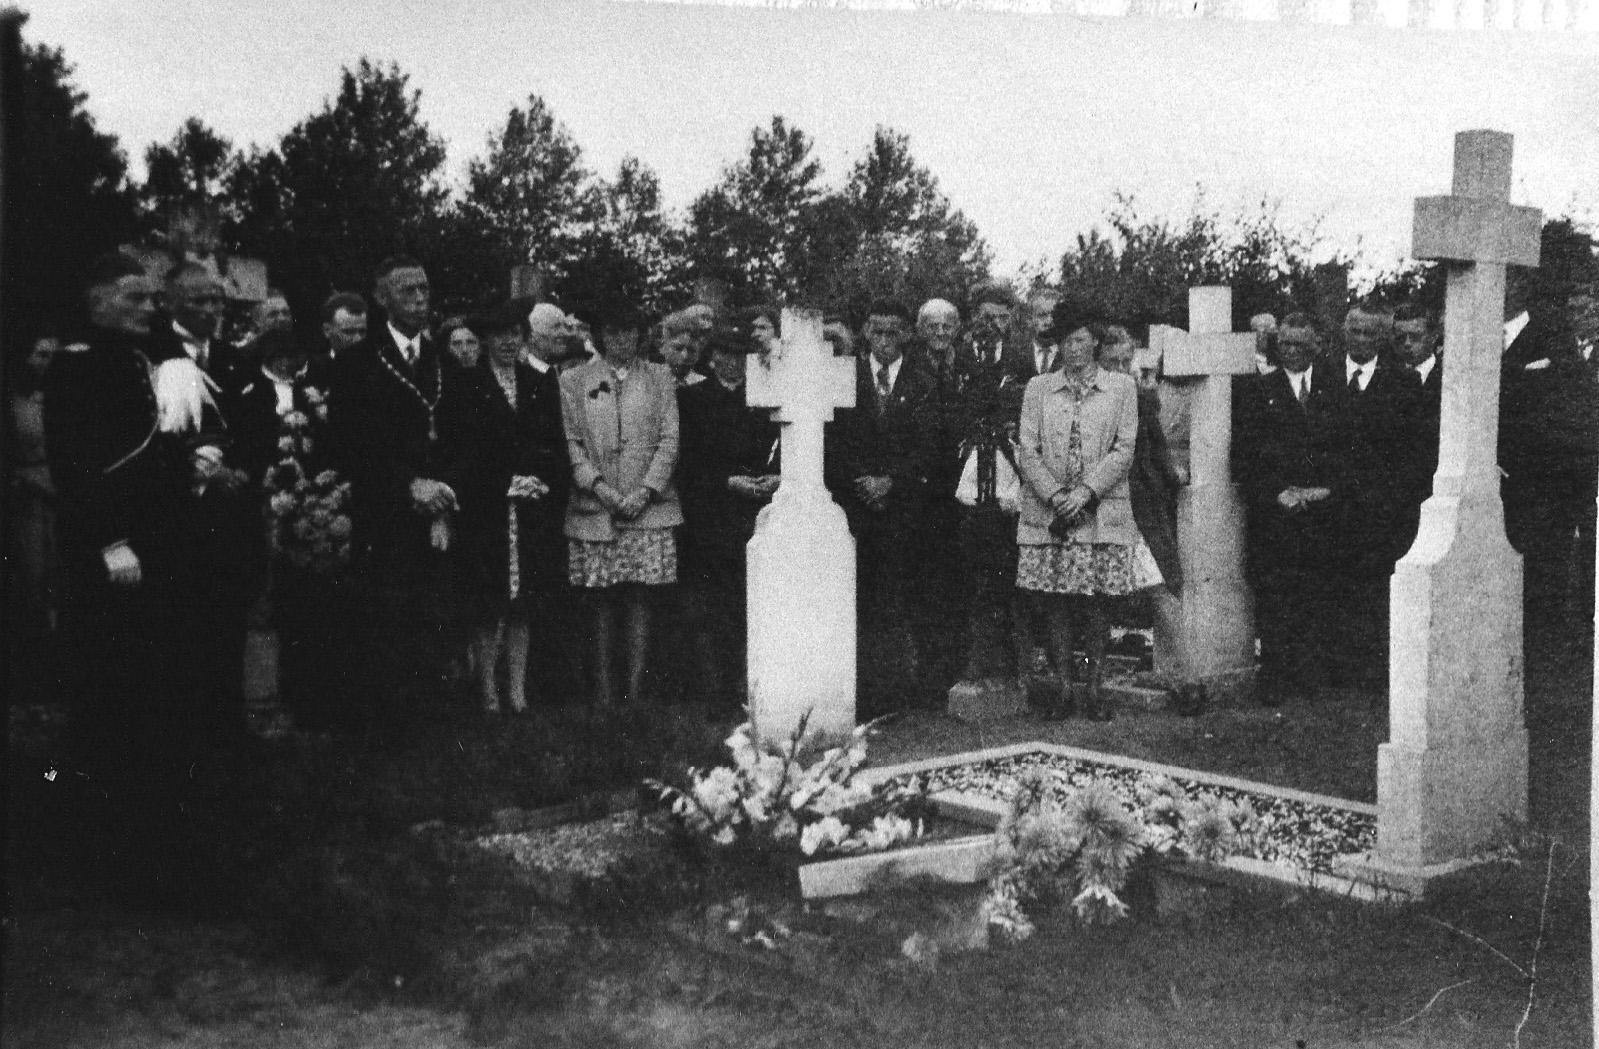 ca1946 Herdenking op het kerkhof  eind jaren 40 met wnd burgemeester Frans Schellekens